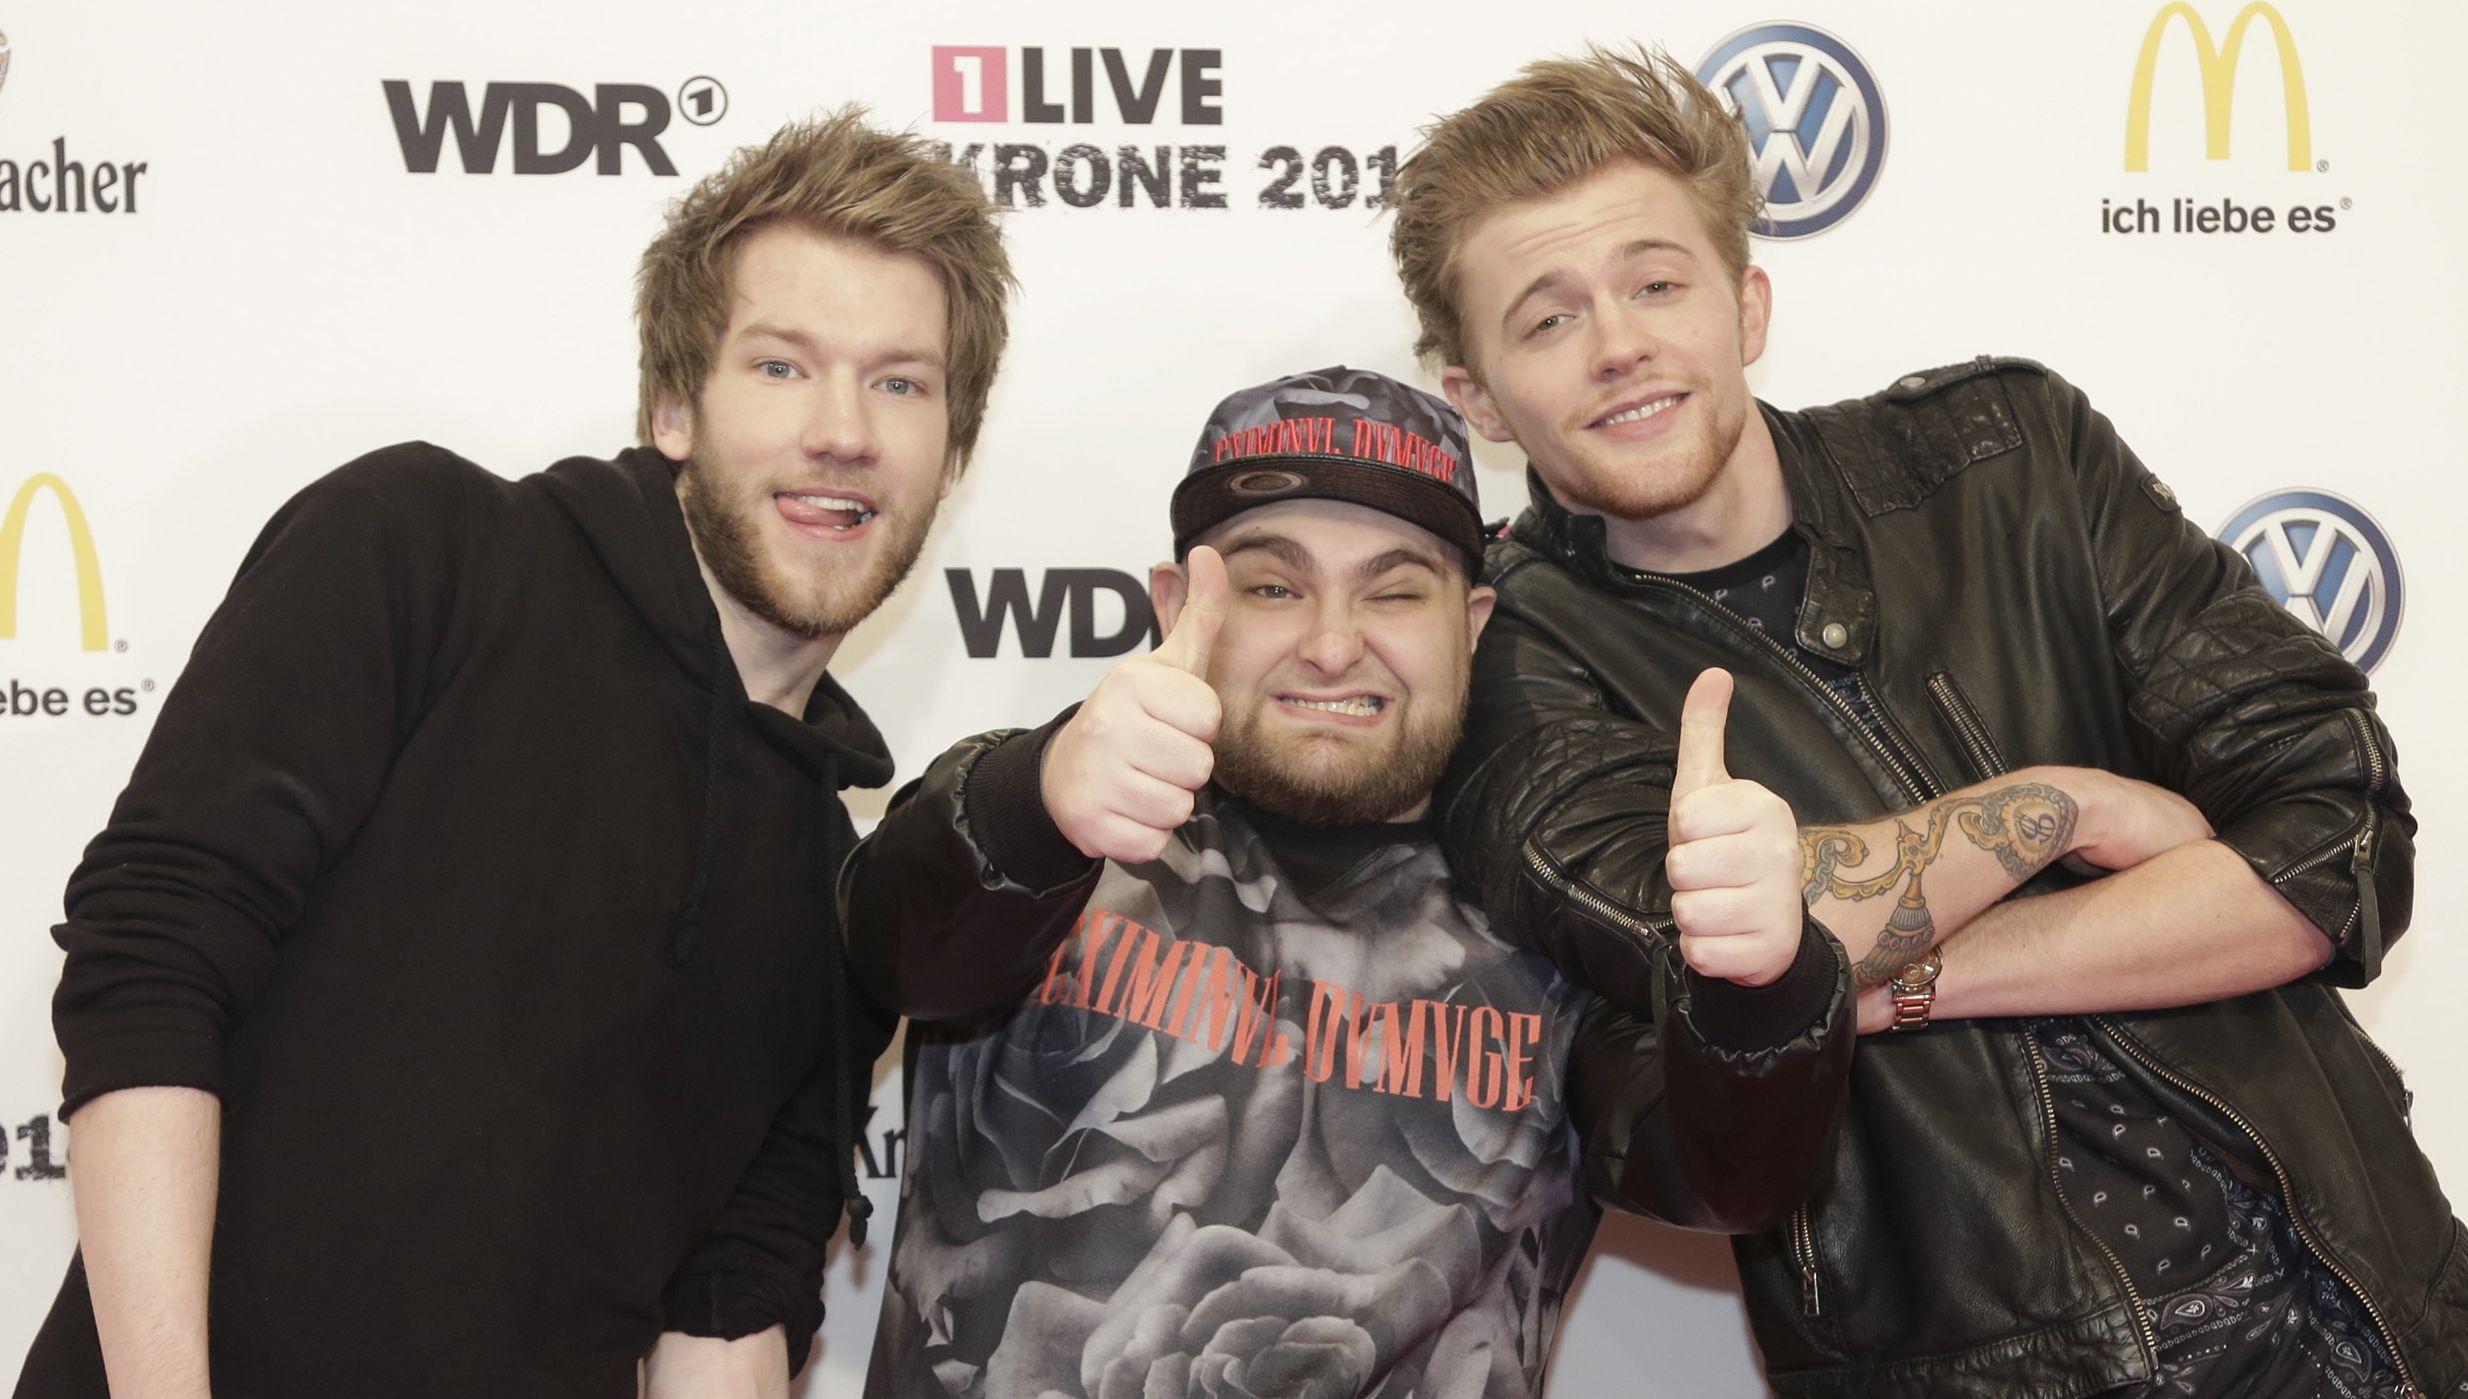 Die 1LIVE Krone 2014 - Der Radio Award